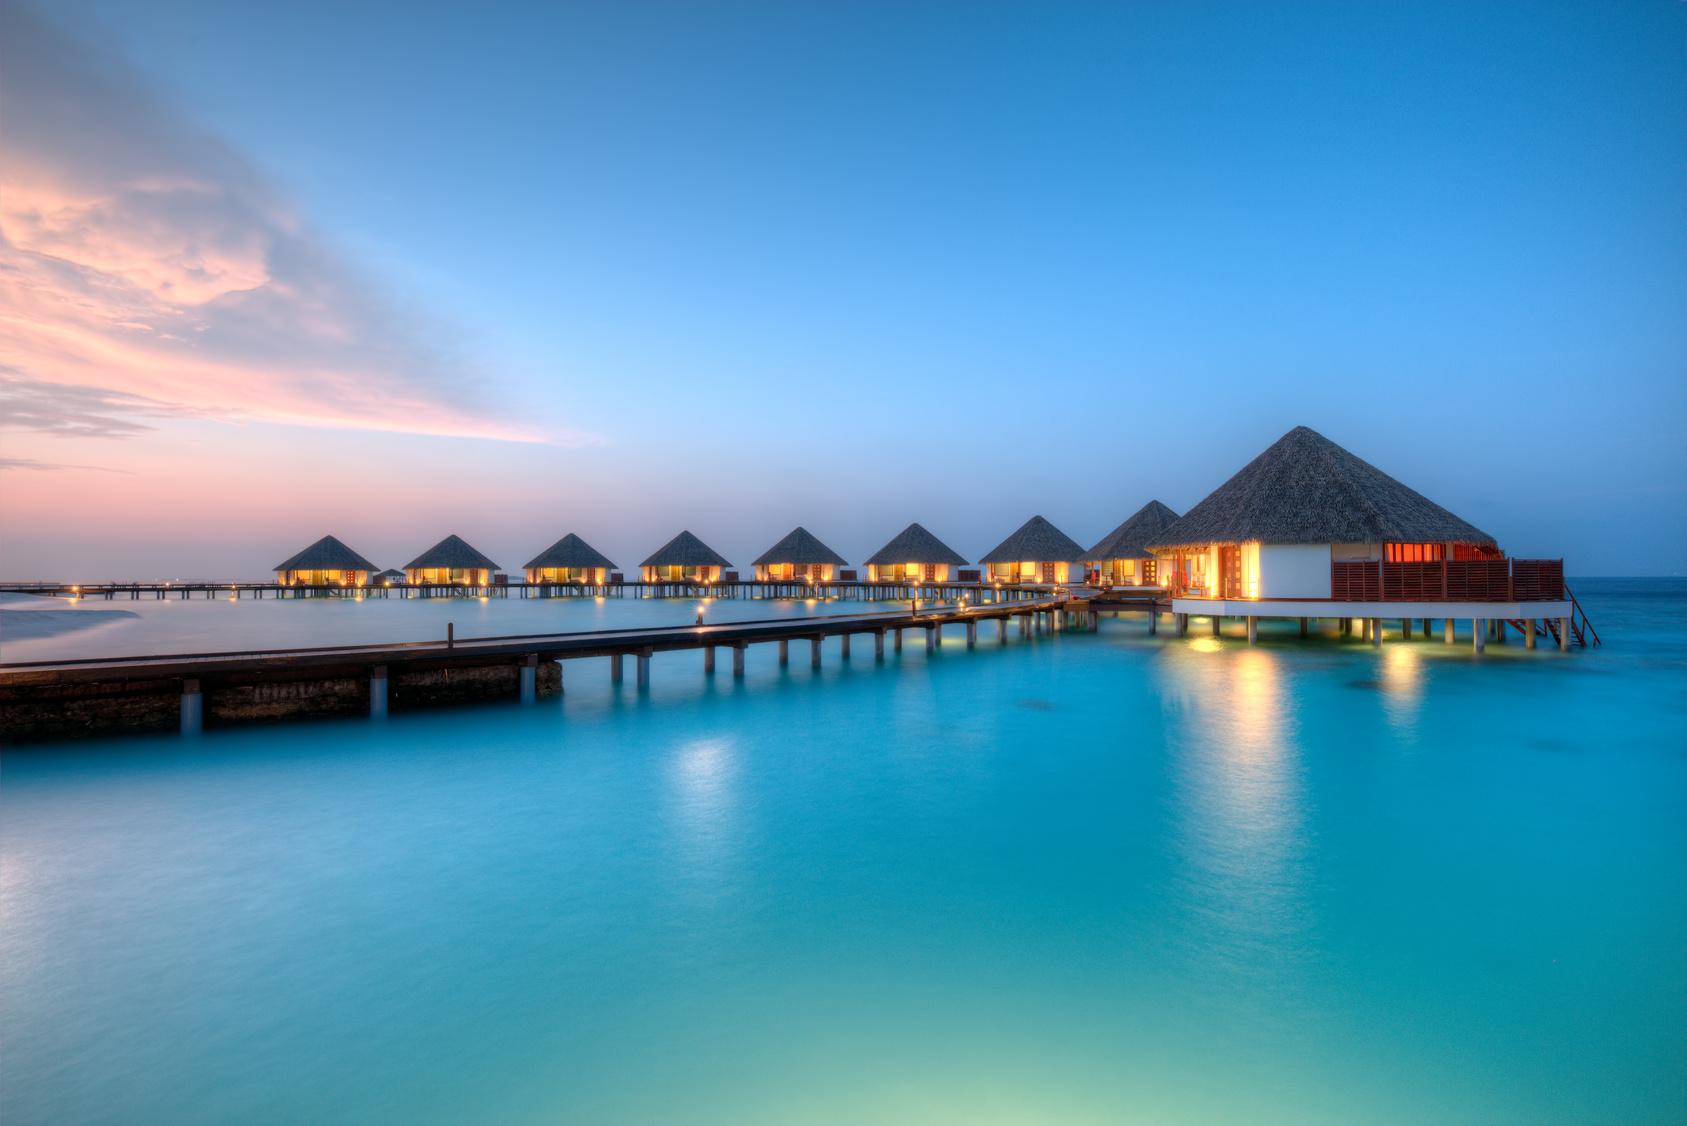 Las mejores islas paradis acas del mundo blog for Los mejores hoteles de maldivas